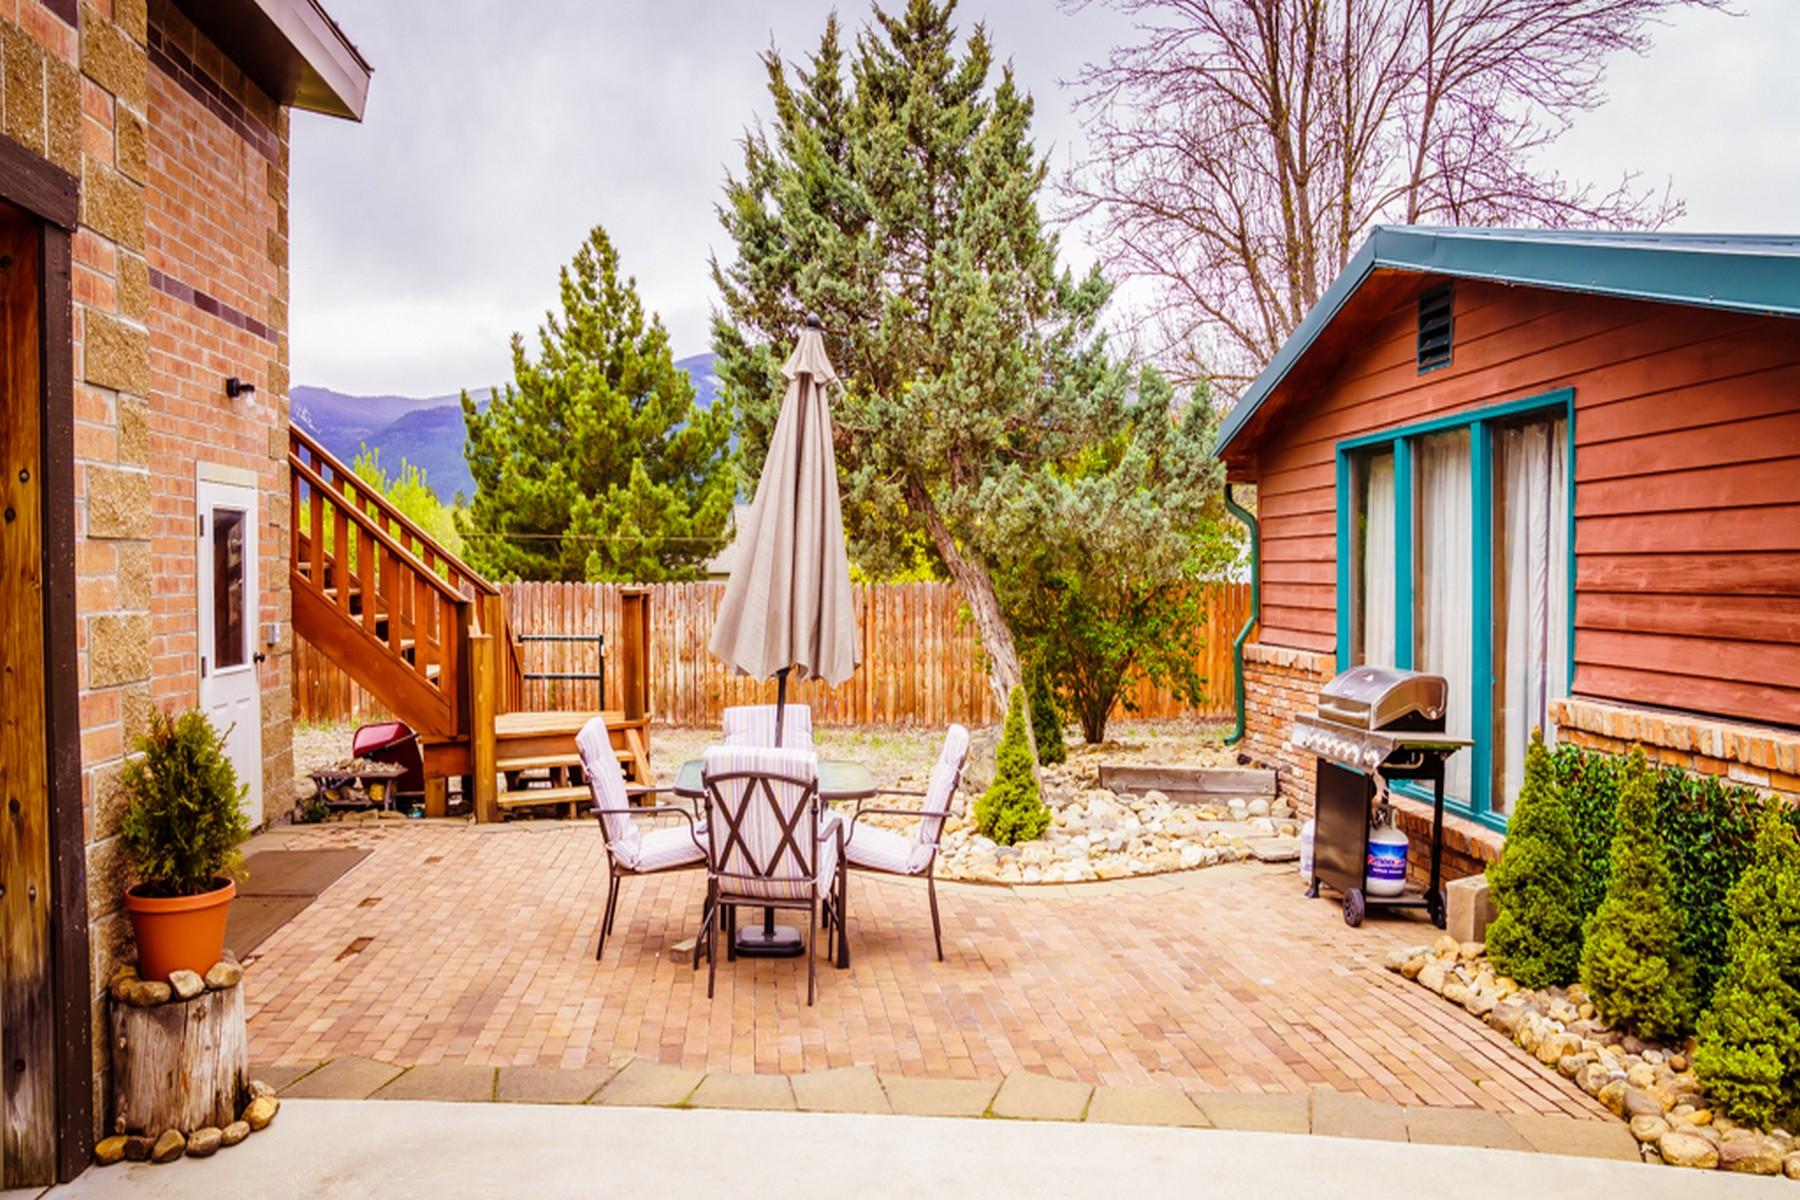 Single Family Homes for Sale at Stevensville Brick Home 431 Riverside Avenue Stevensville, Montana 59870 United States